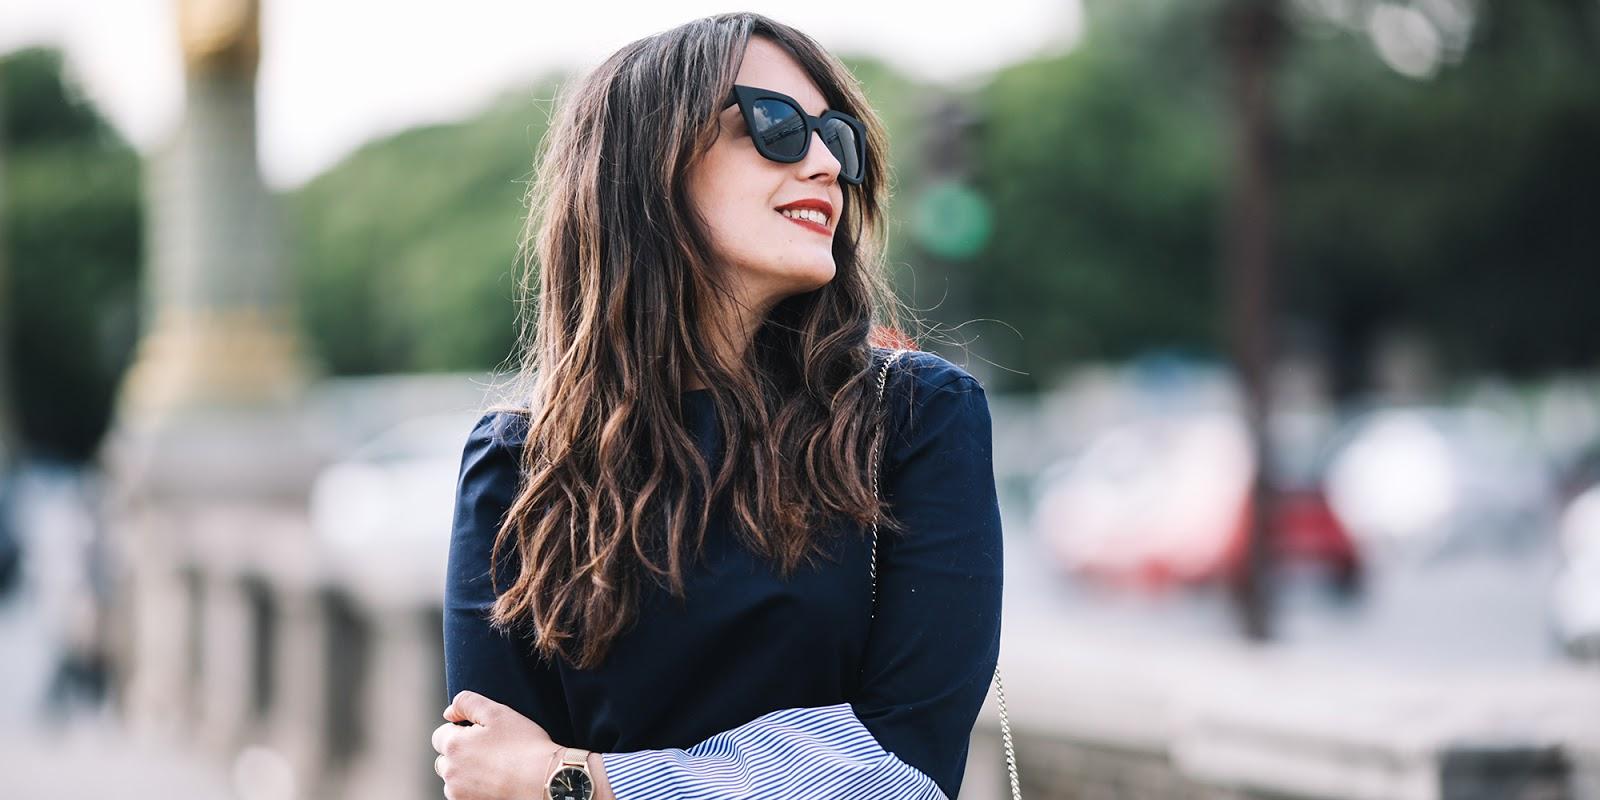 10 segredos de beleza das francesas que irão mudar sua pele e cabelos